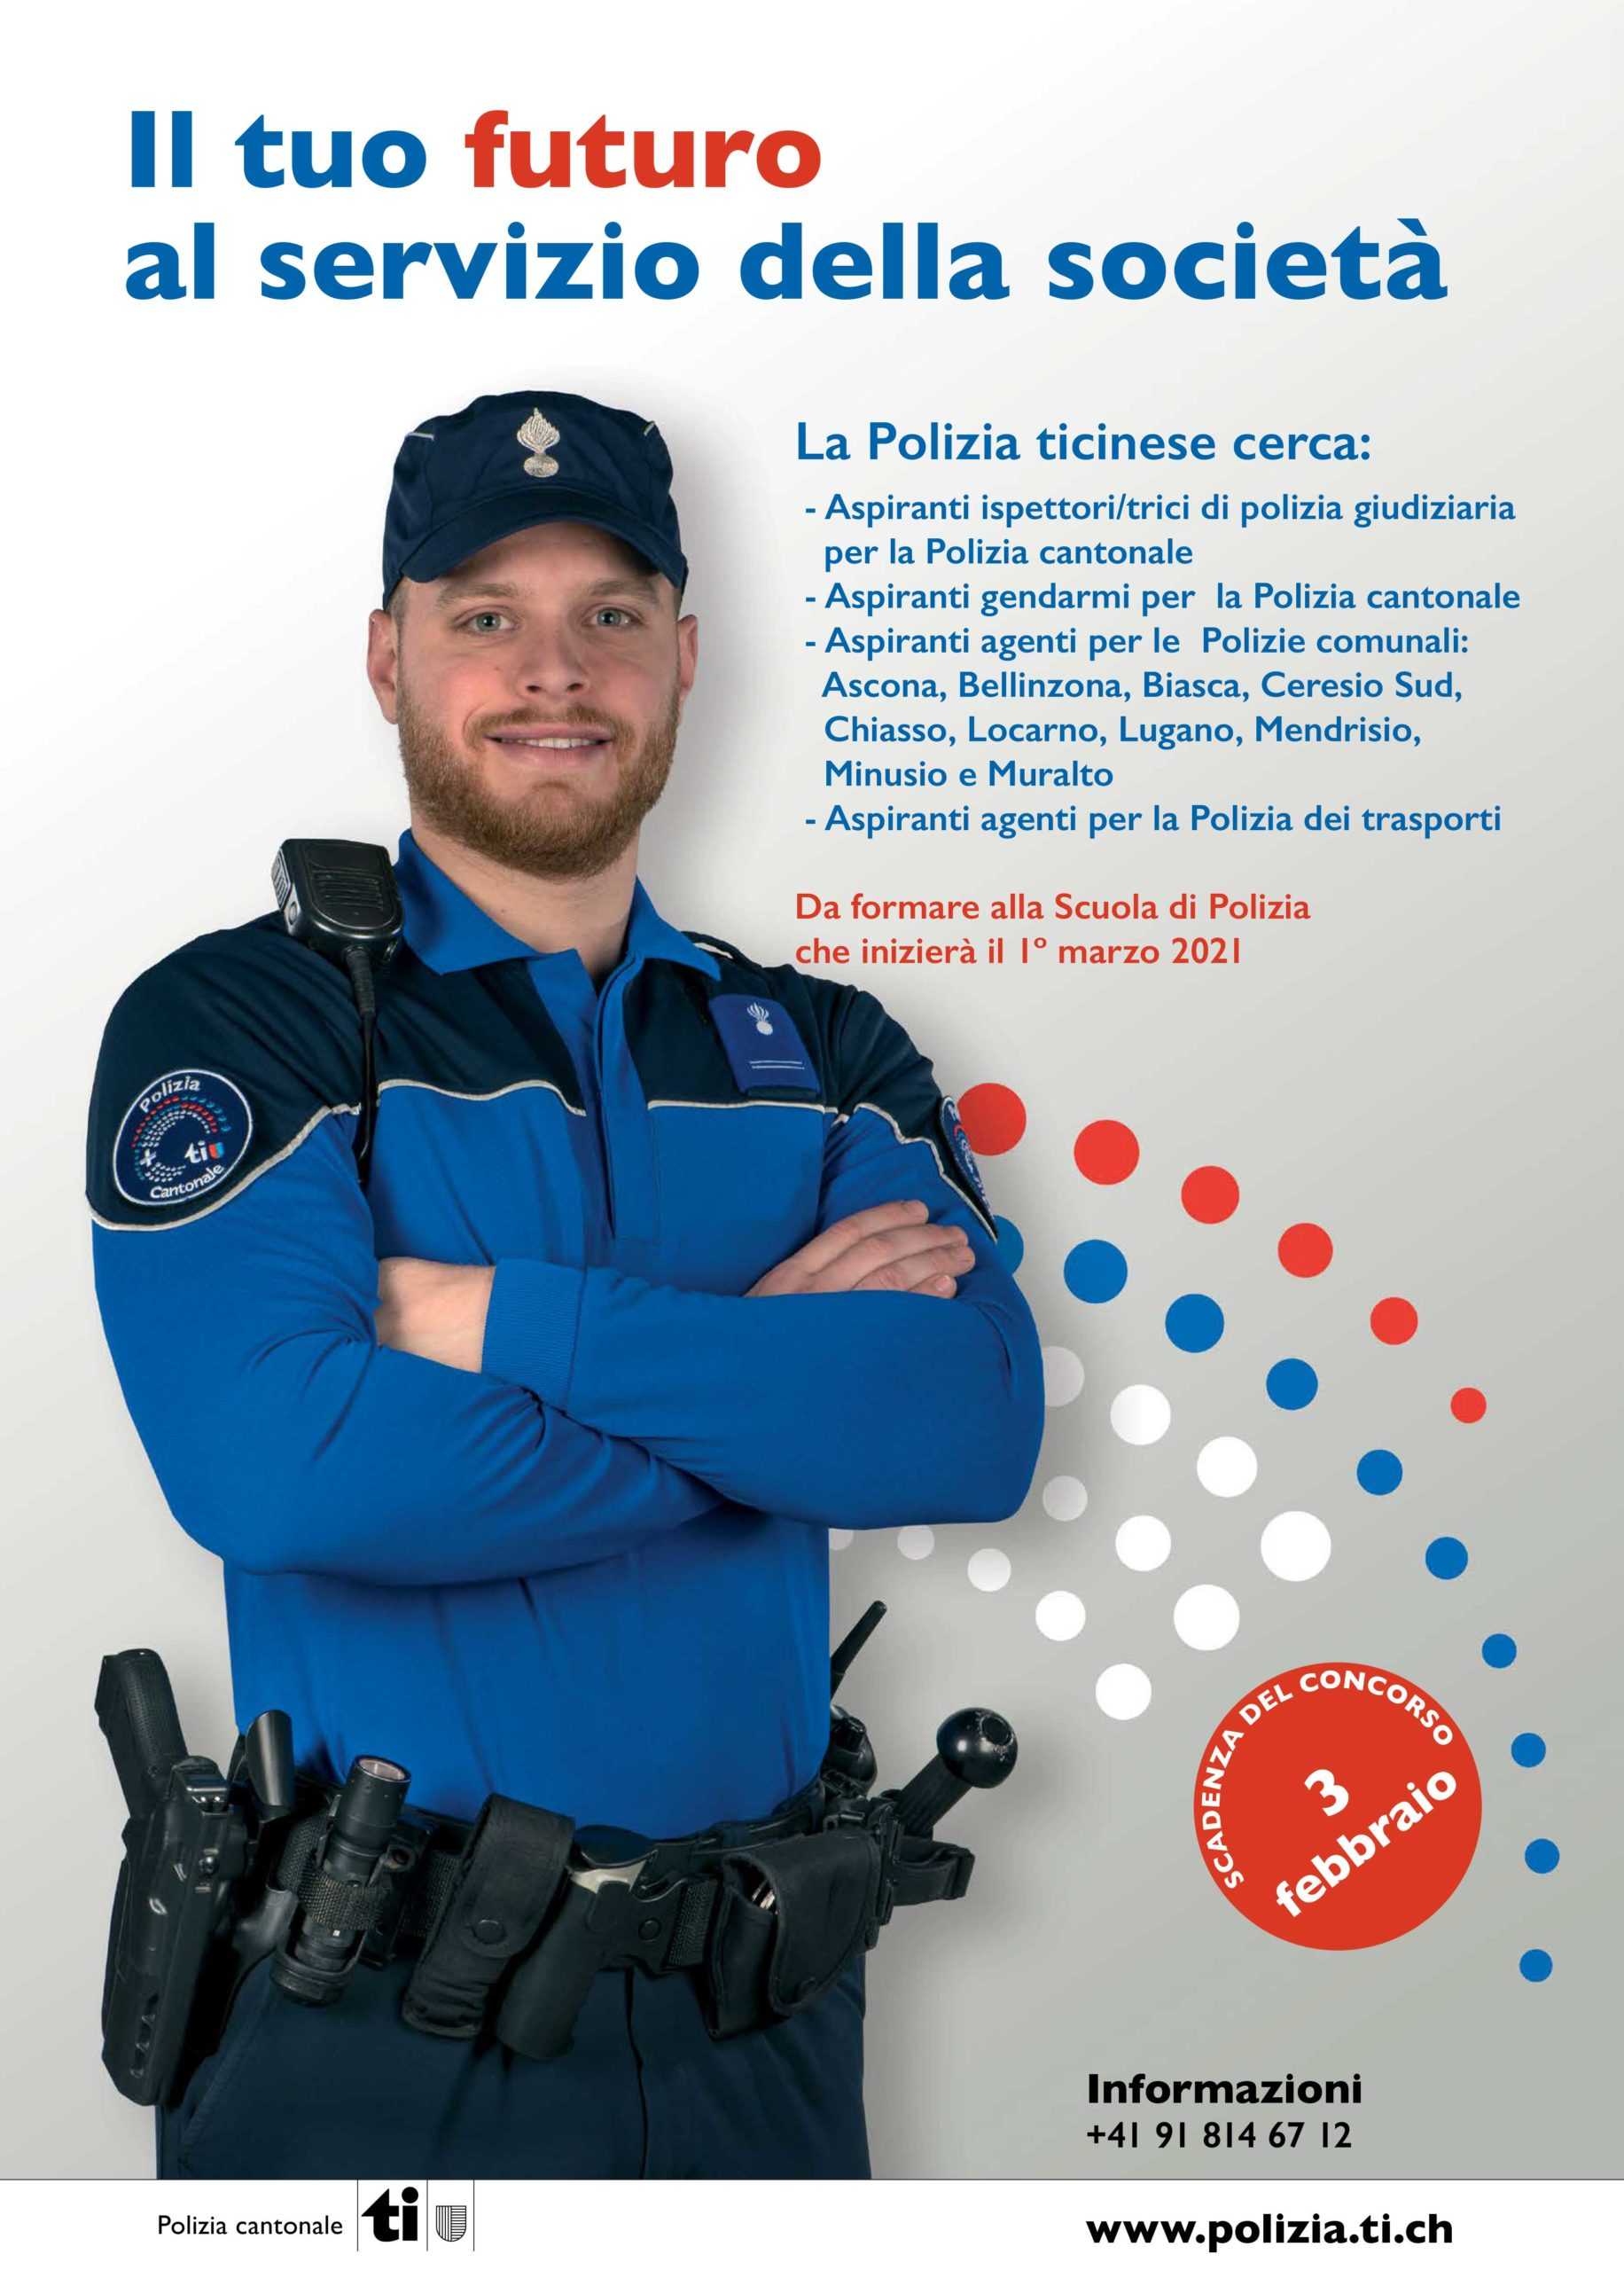 scuola di polizia in Ticino - Svizzera